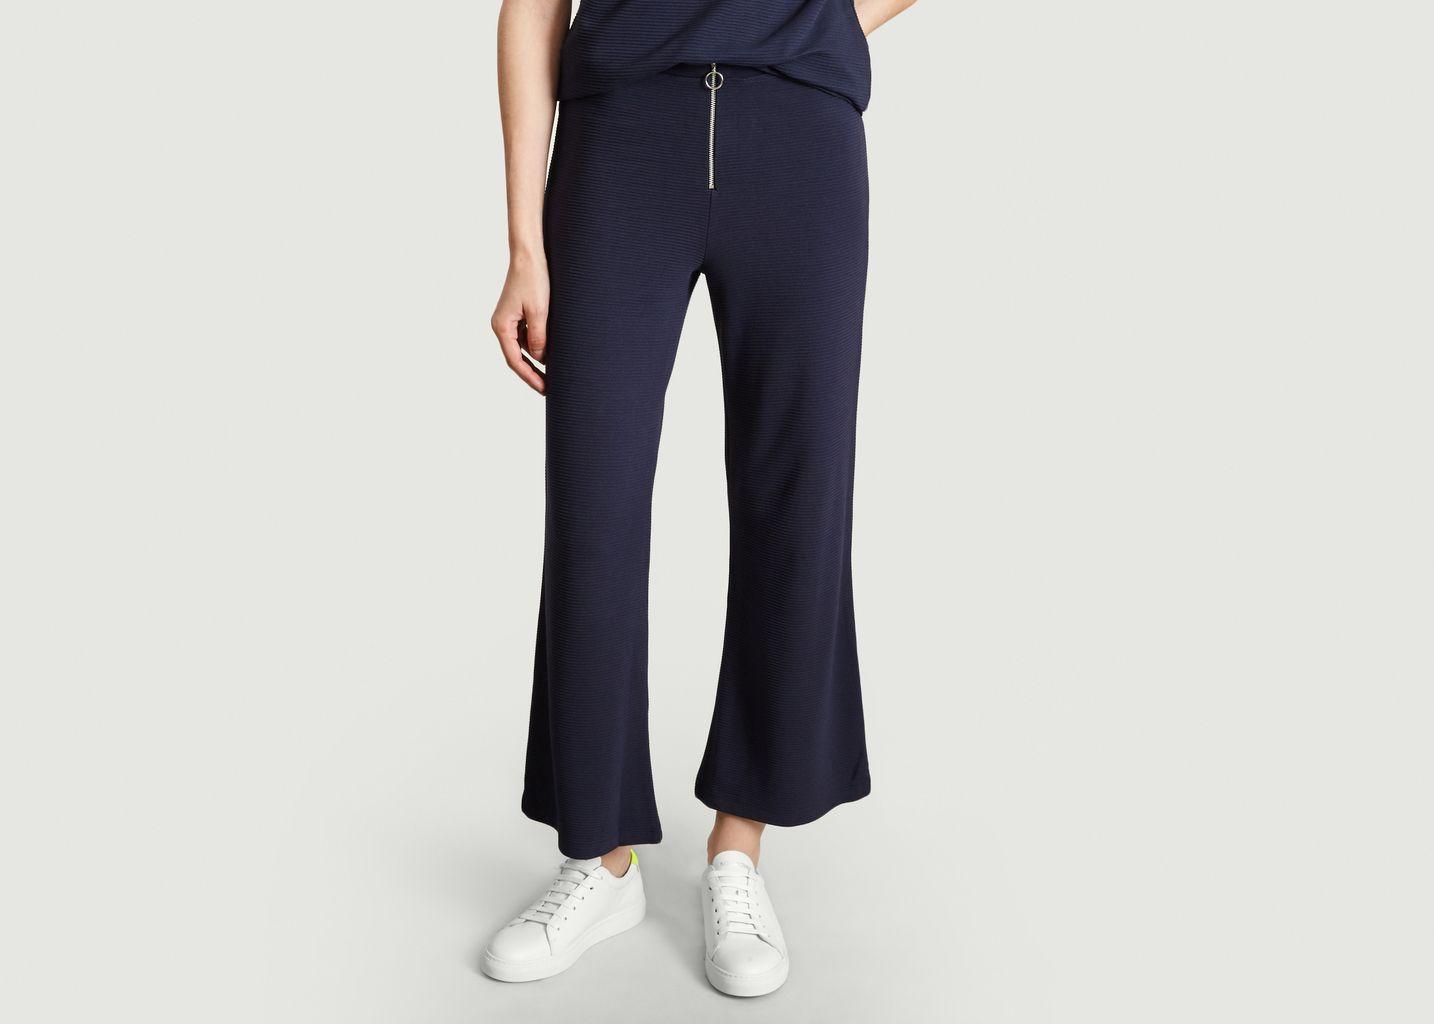 Pantalon Last - Libertine Libertine